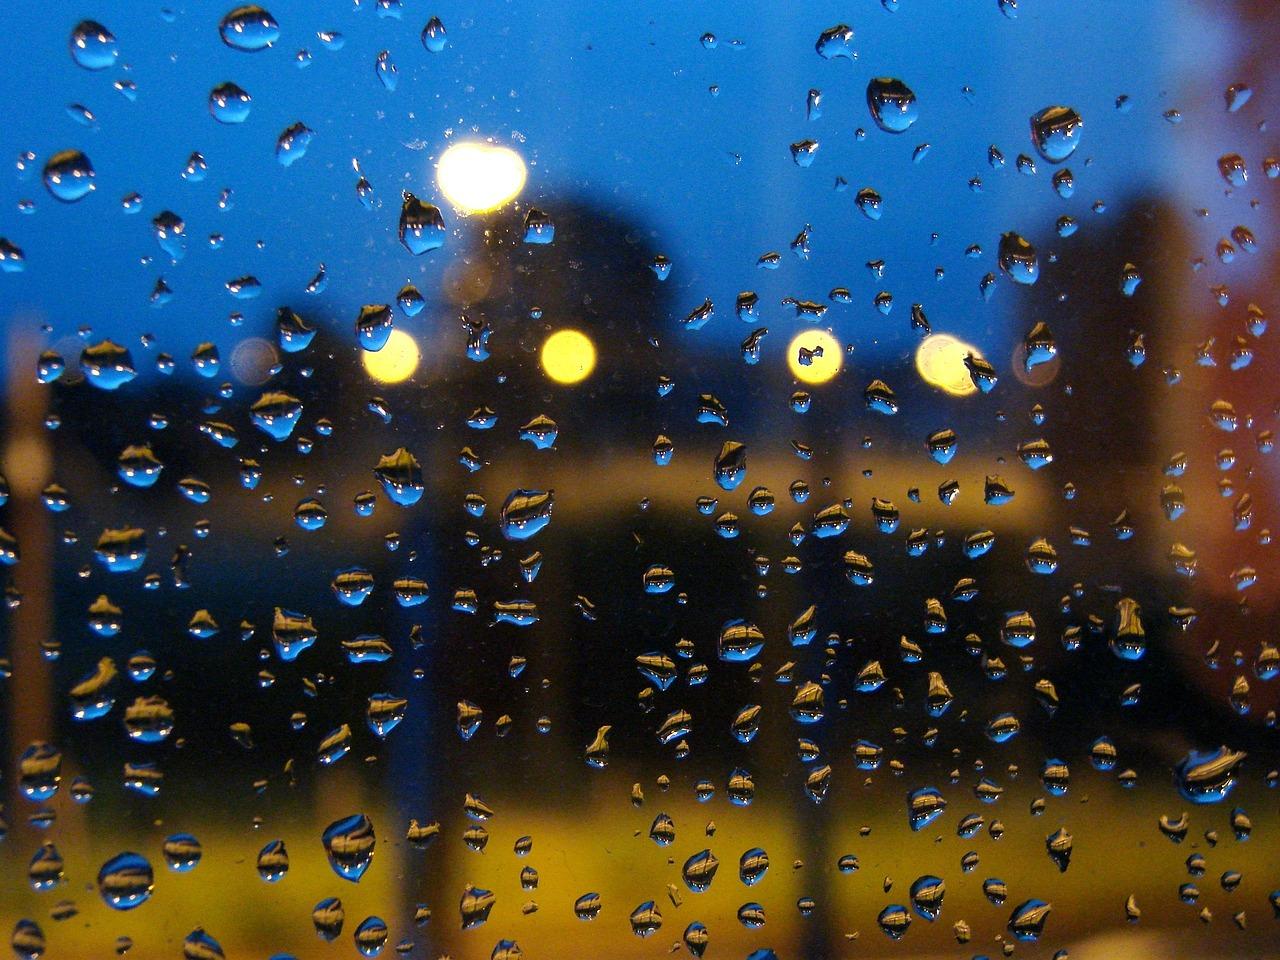 Красивые картинки дождя на стекле